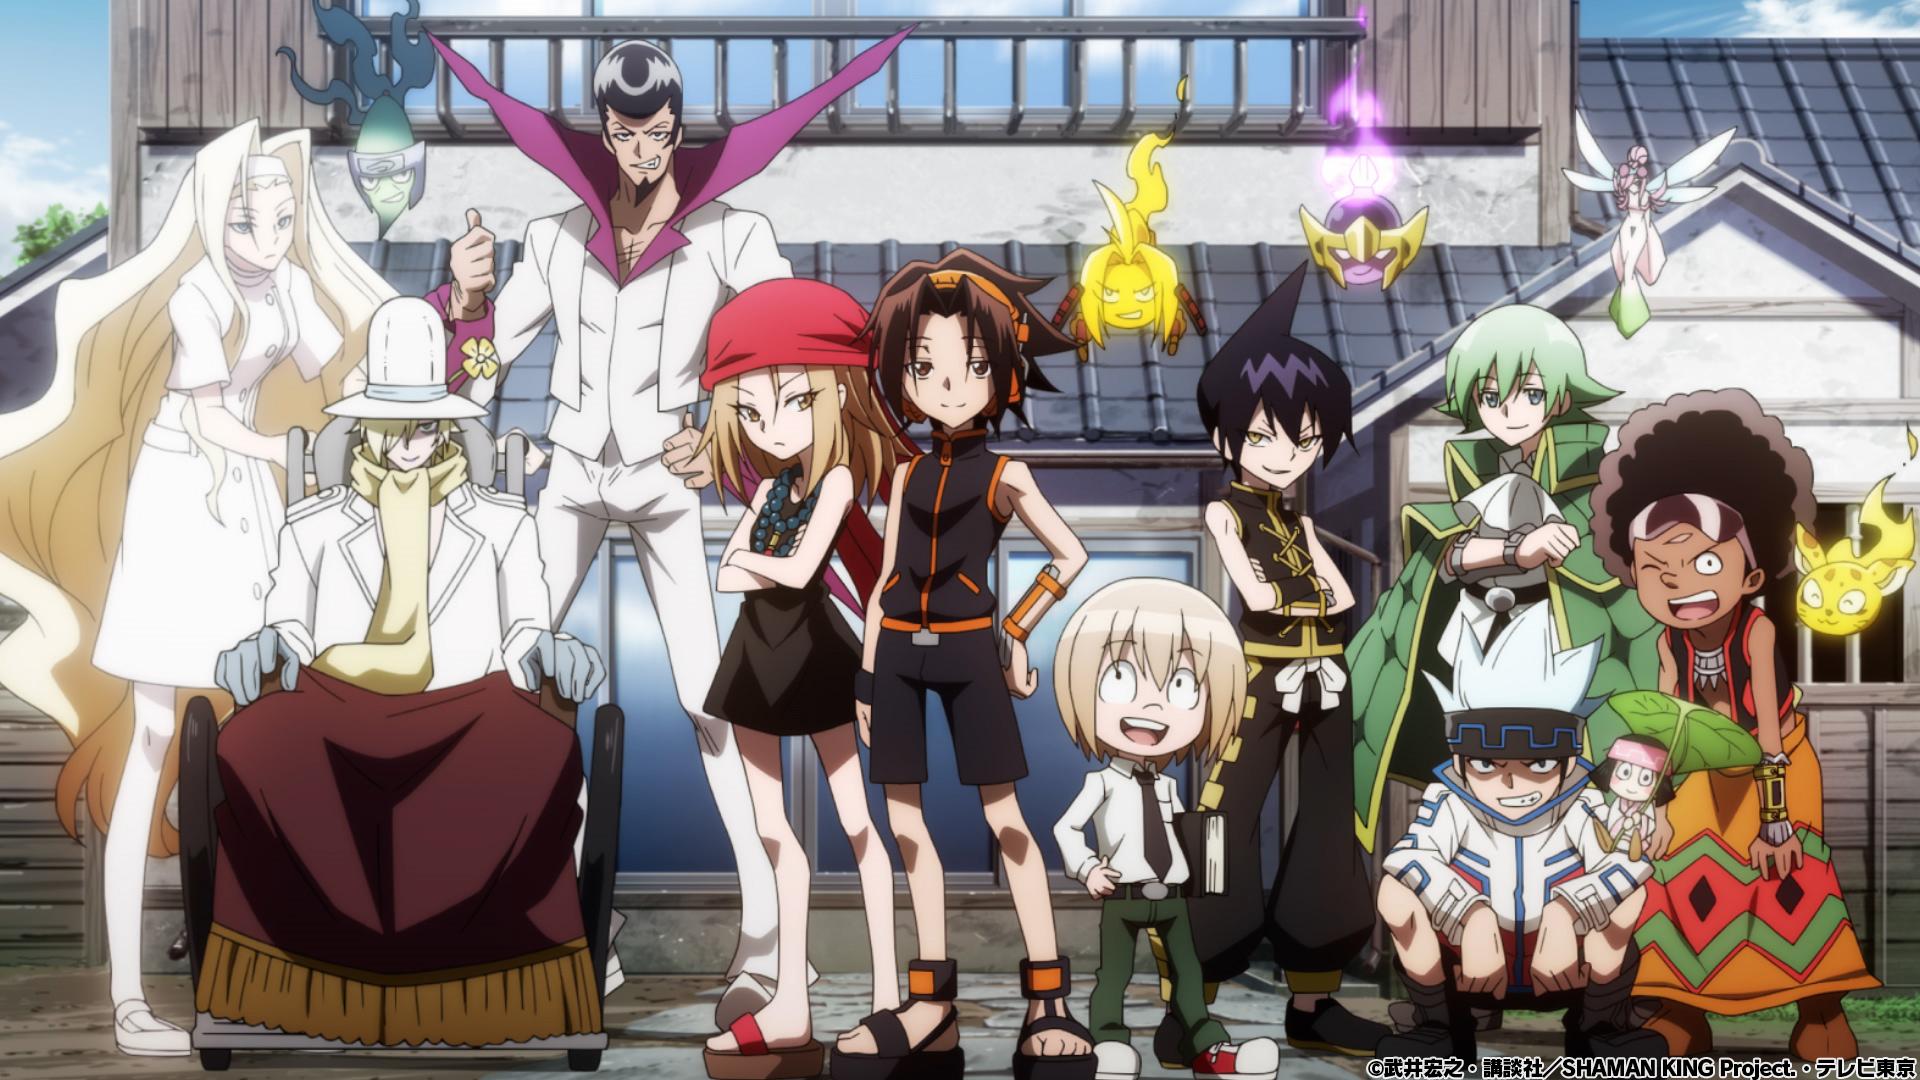 TVアニメ「SHAMAN KING」ノンクレジットOP公開!林原めぐみさんが歌う「Soul salvation」配信開始